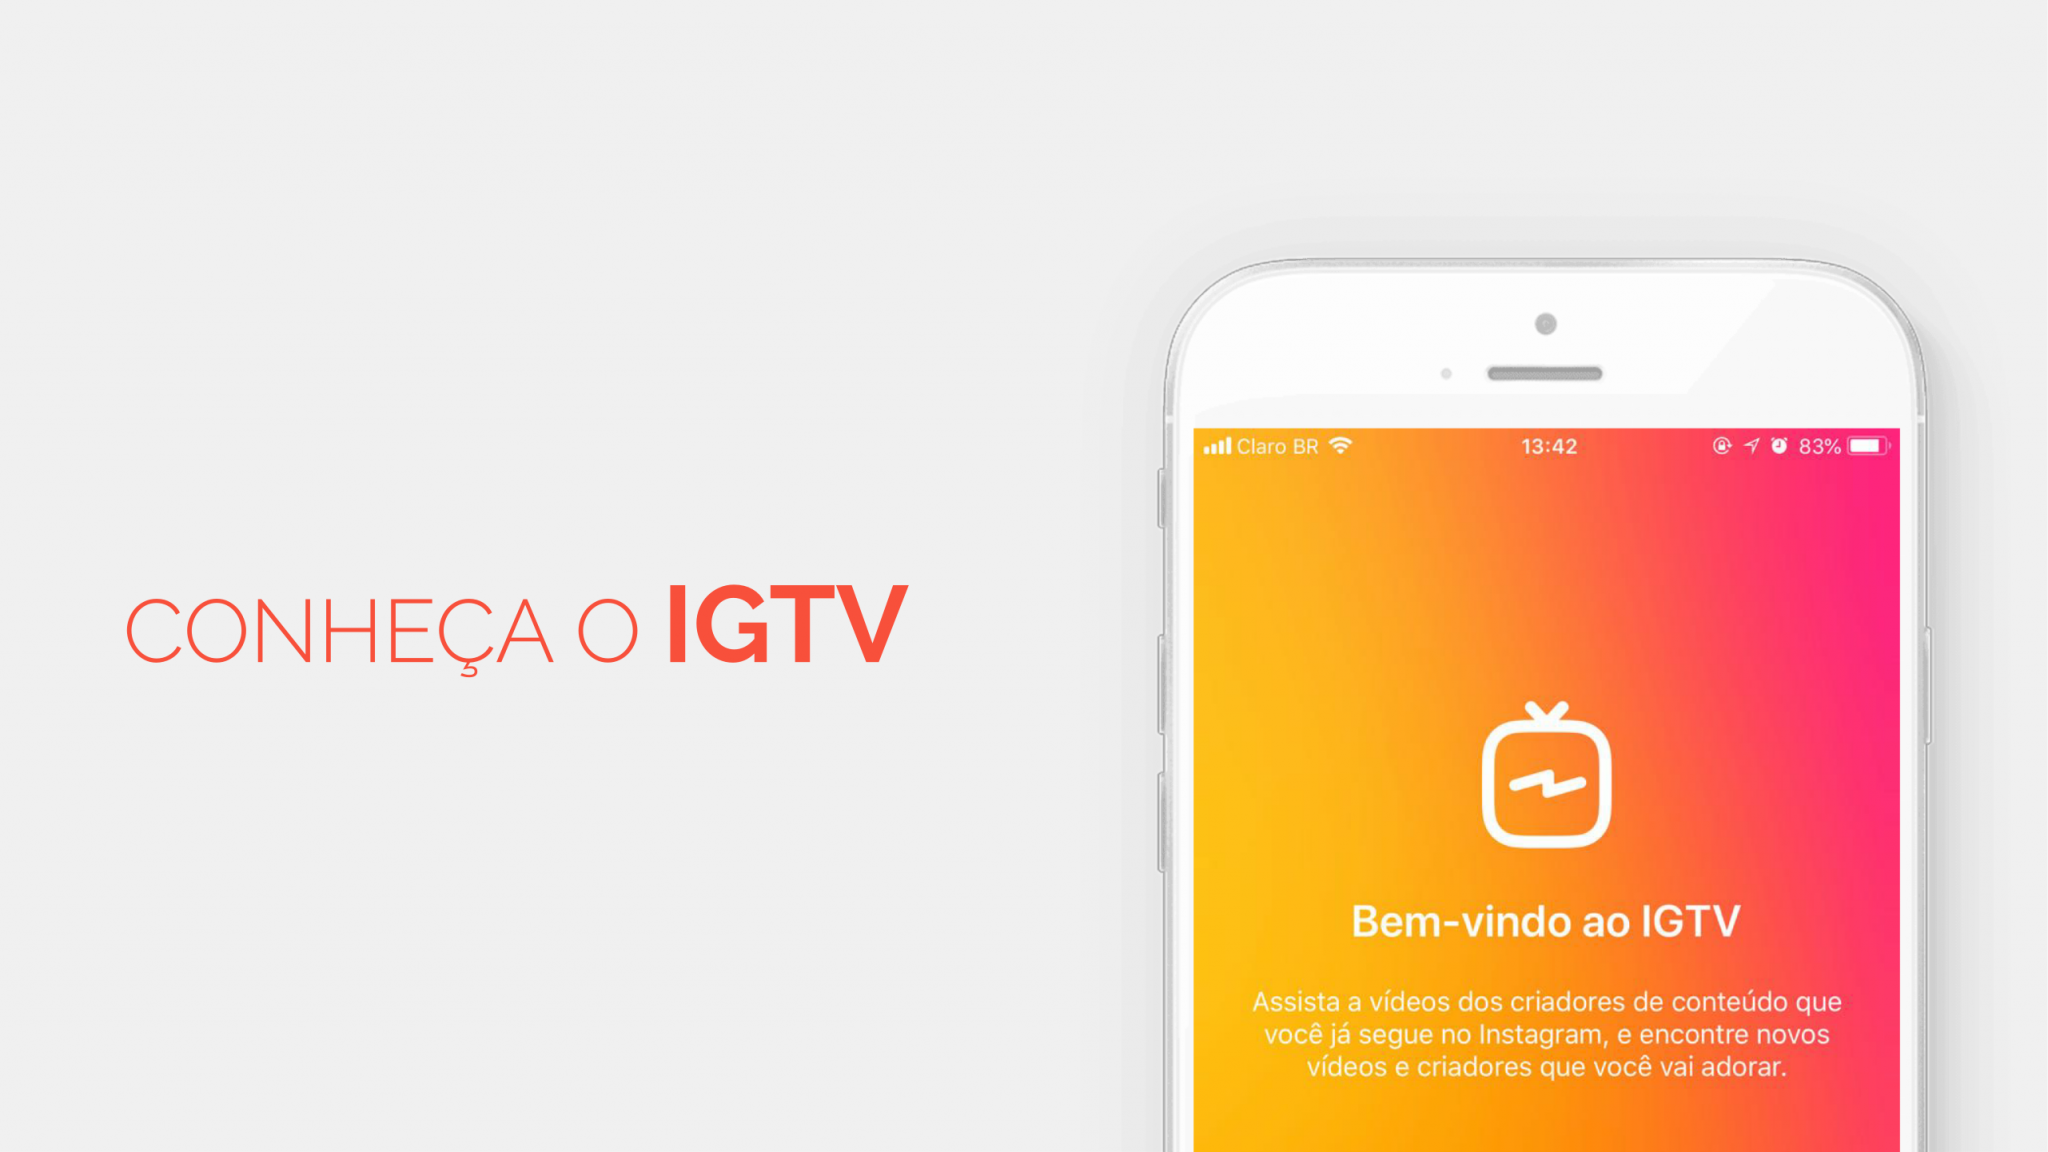 5096978 1 - Instagram: Como criar capas personalizadas para o IGTV